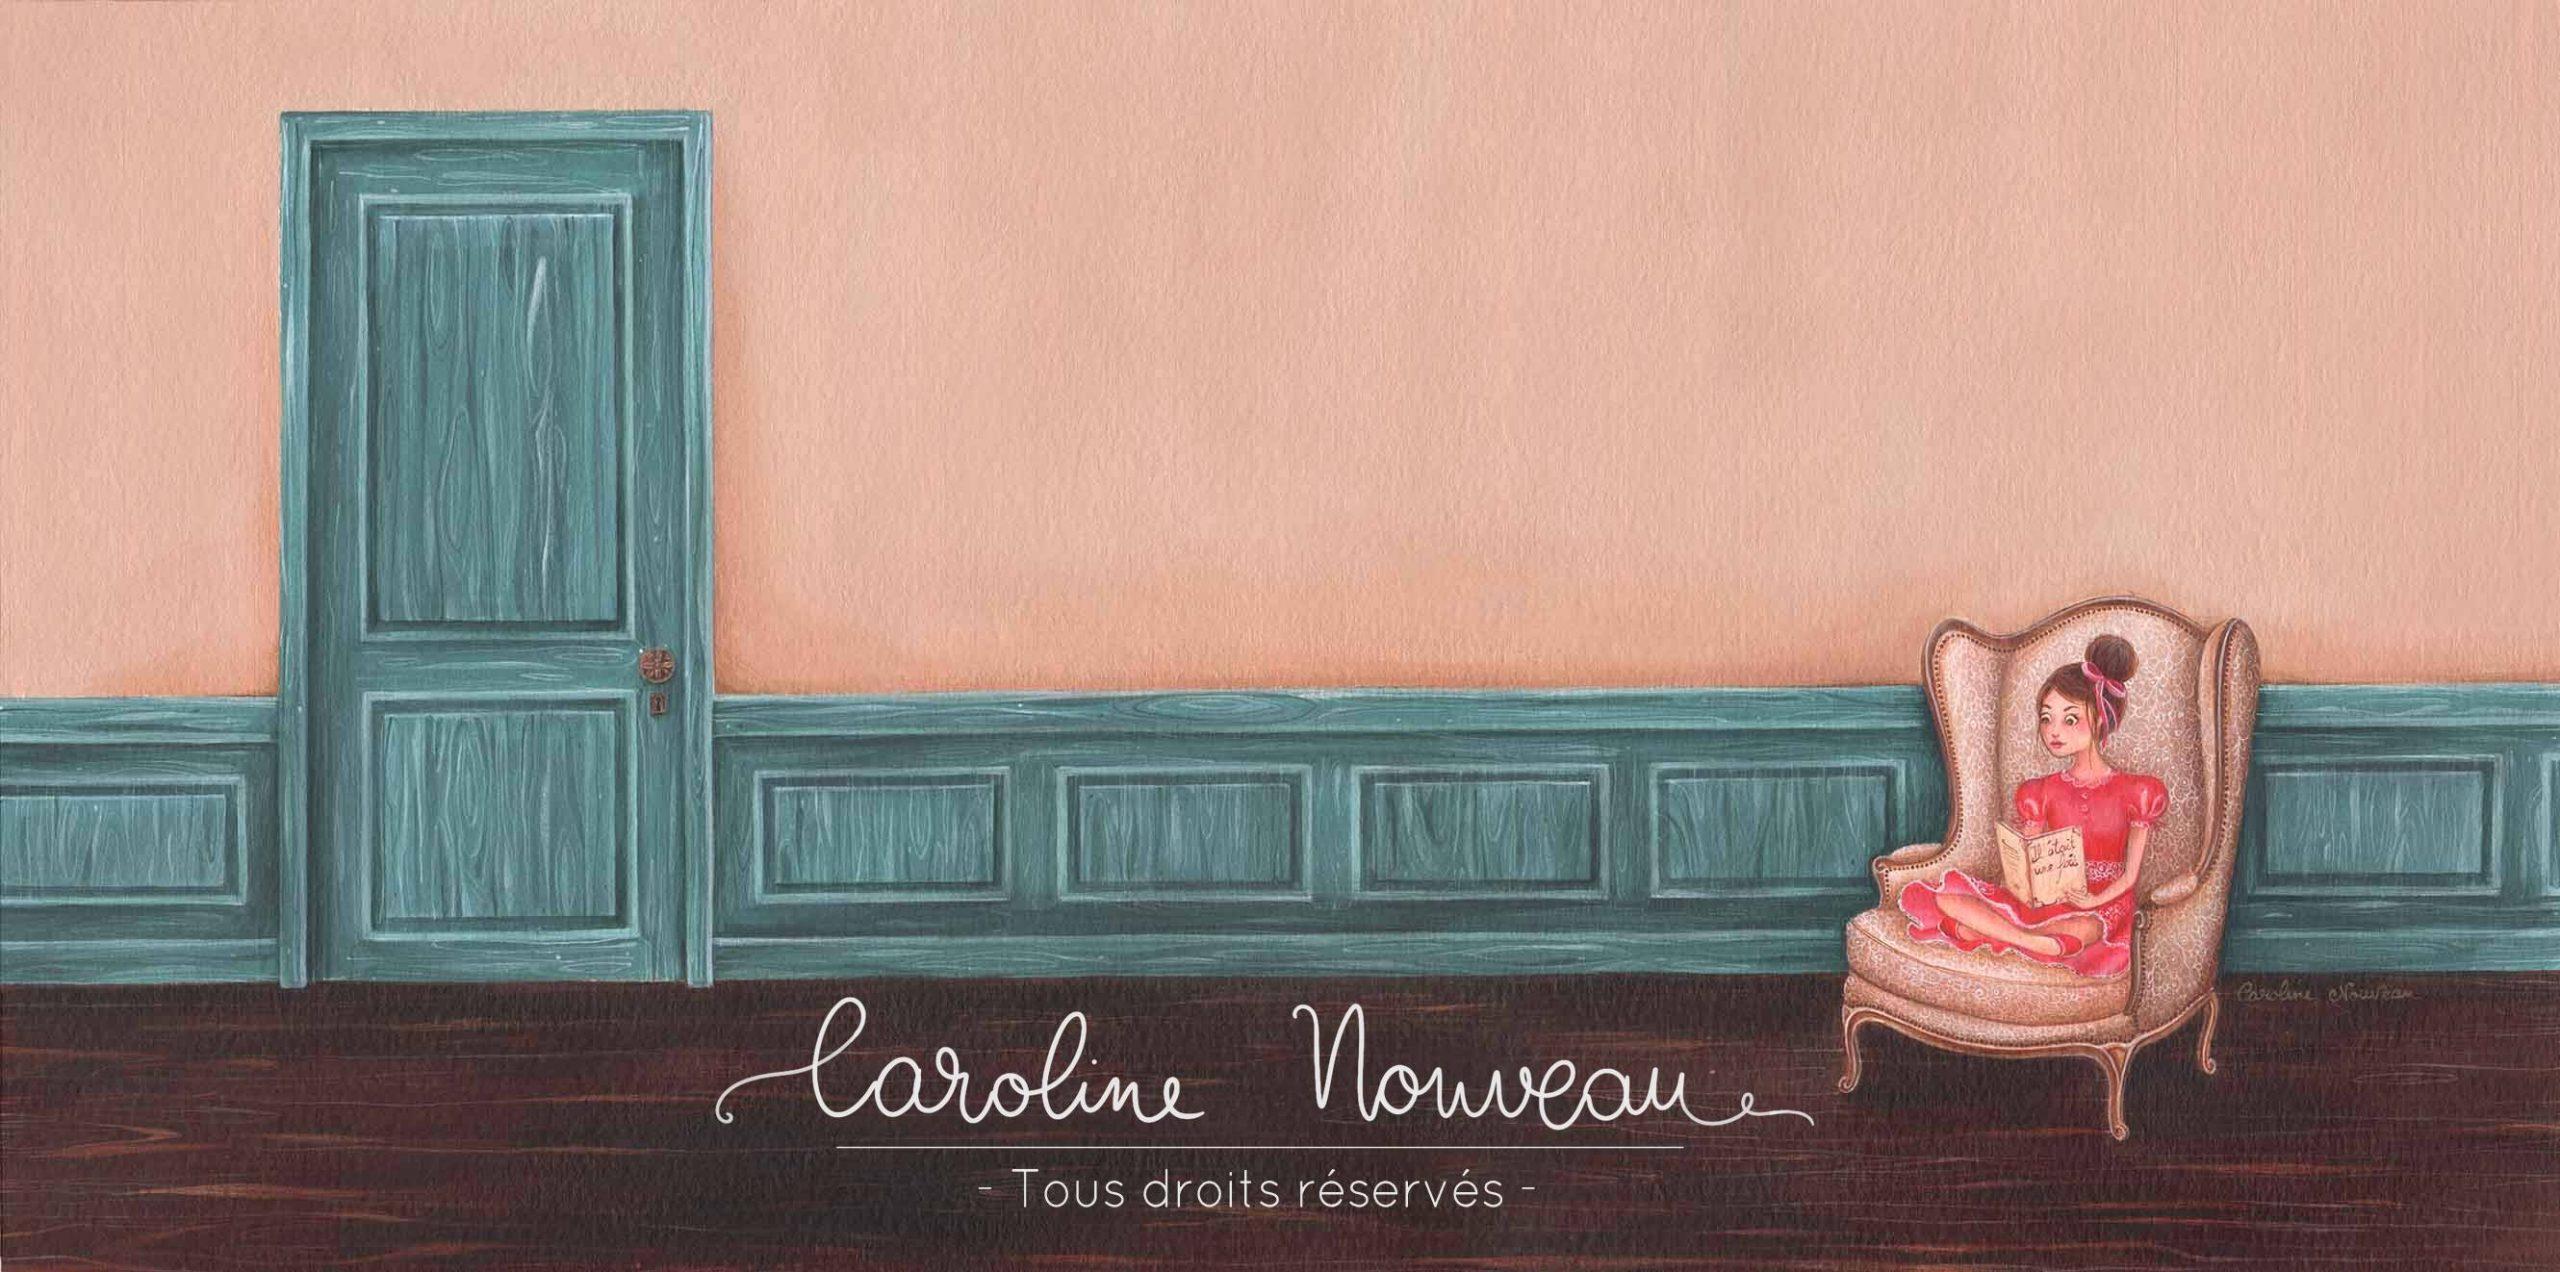 """""""Lecture du soir"""" Acrylique sur papier - 45*22,5cm - 2015 - Disponible 120€"""